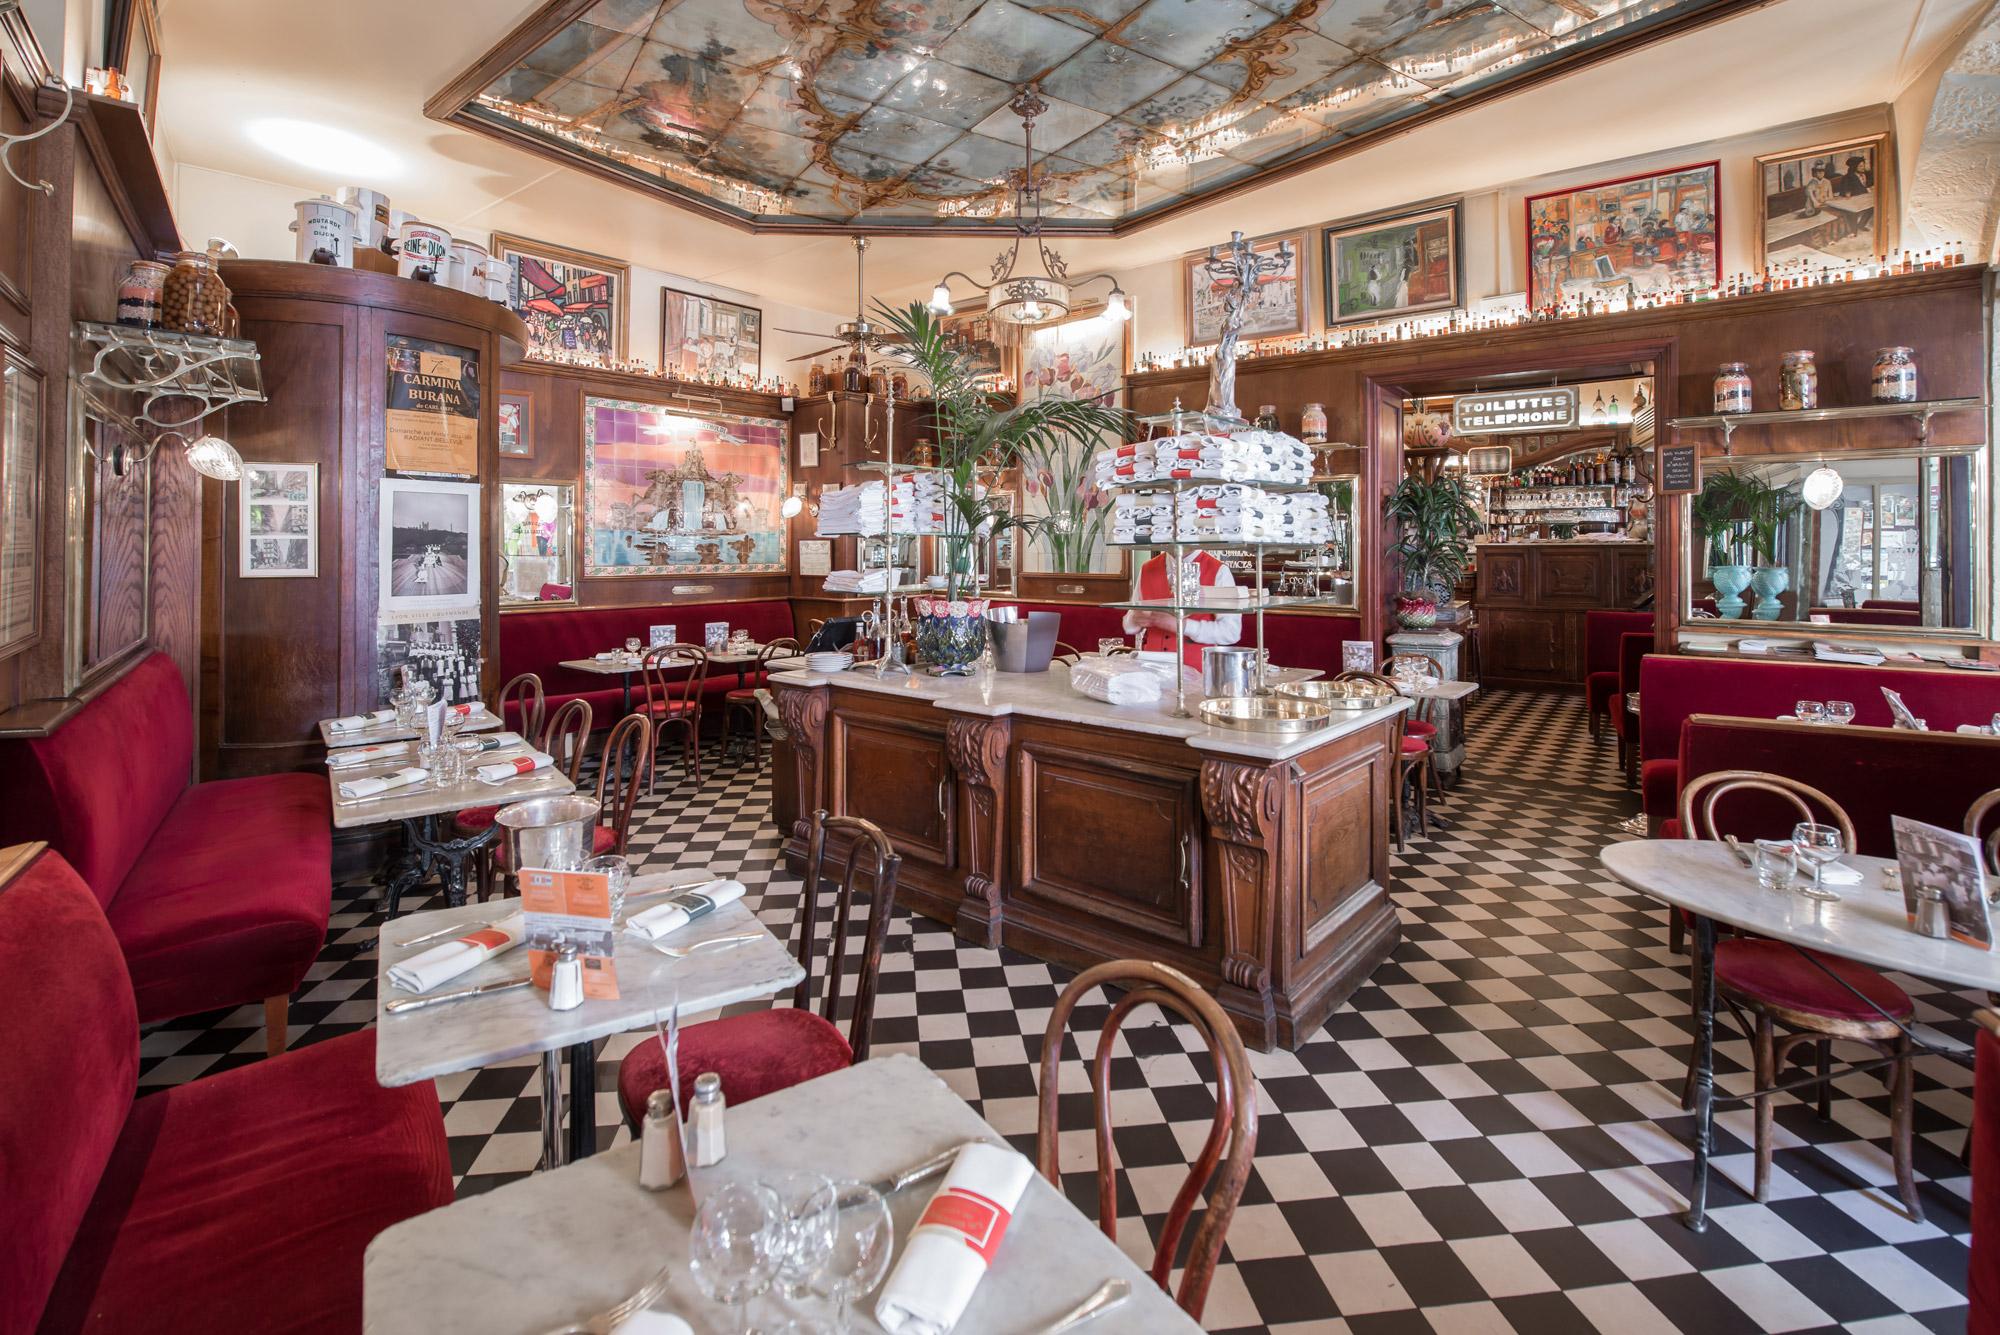 Restaurant décoré typiquement à la lyonnaise.